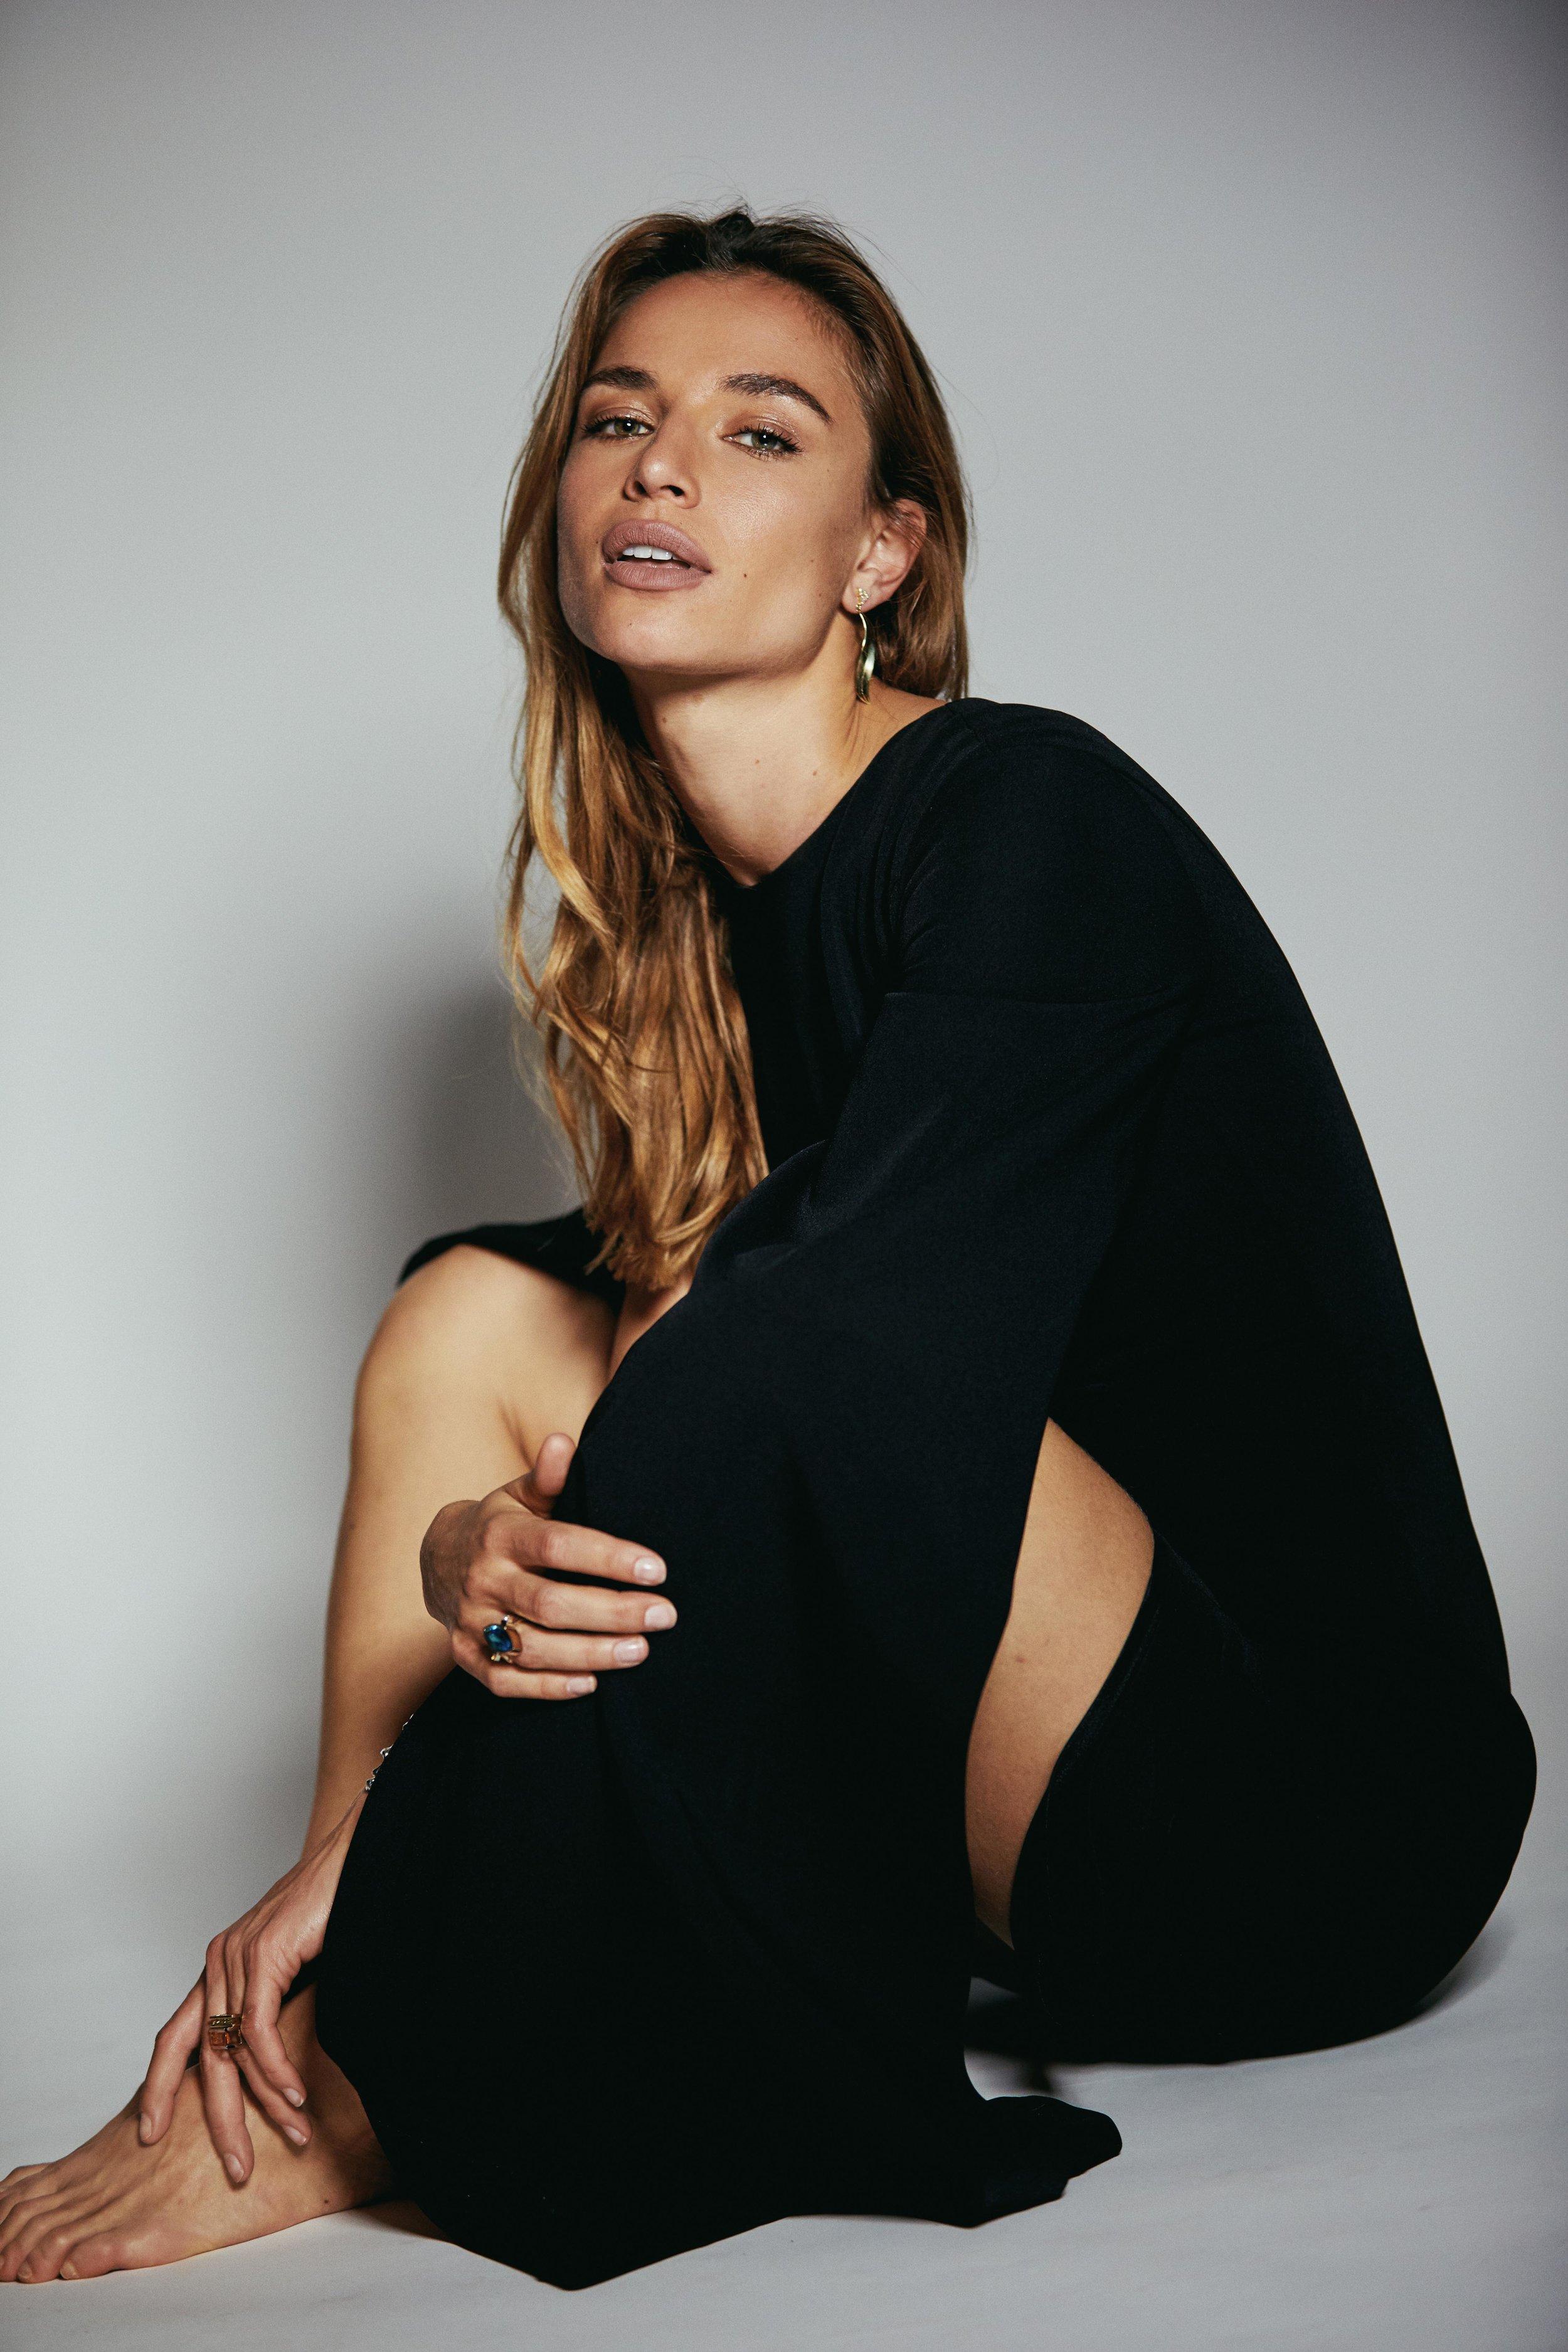 Earrings by Pina Studio; Ring by Elena Kriegner